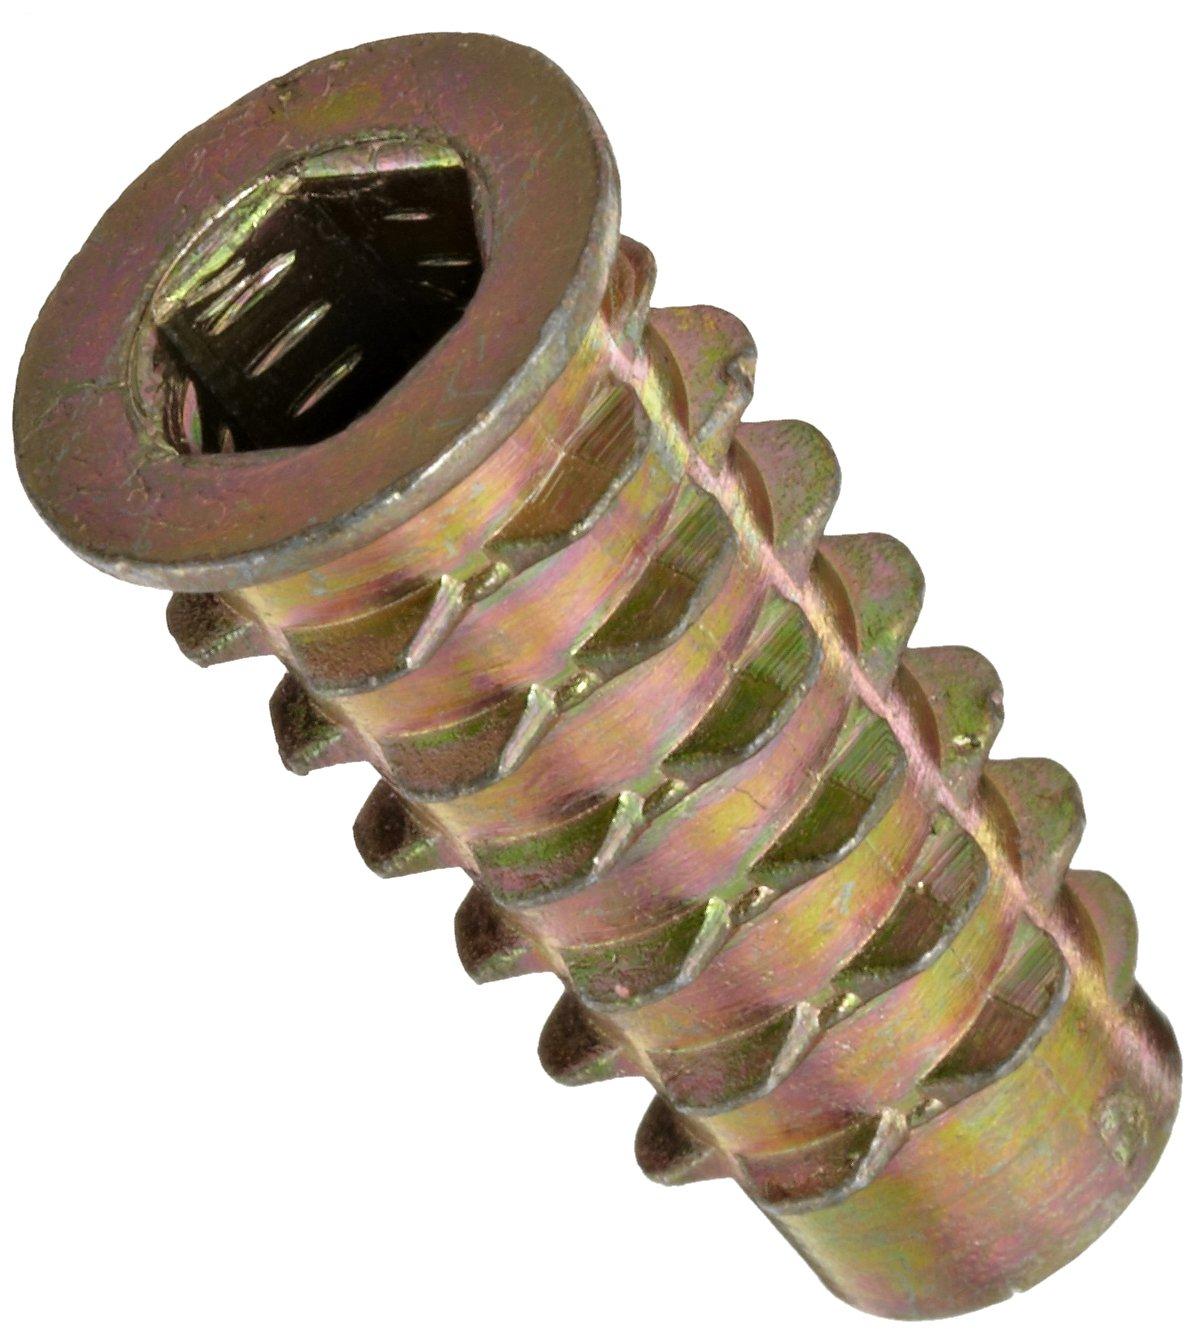 E-Z Lok Threaded Insert, Zinc, Hex-Flanged, 1/4''-20 Internal Threads, 25mm Length (Pack of 50)